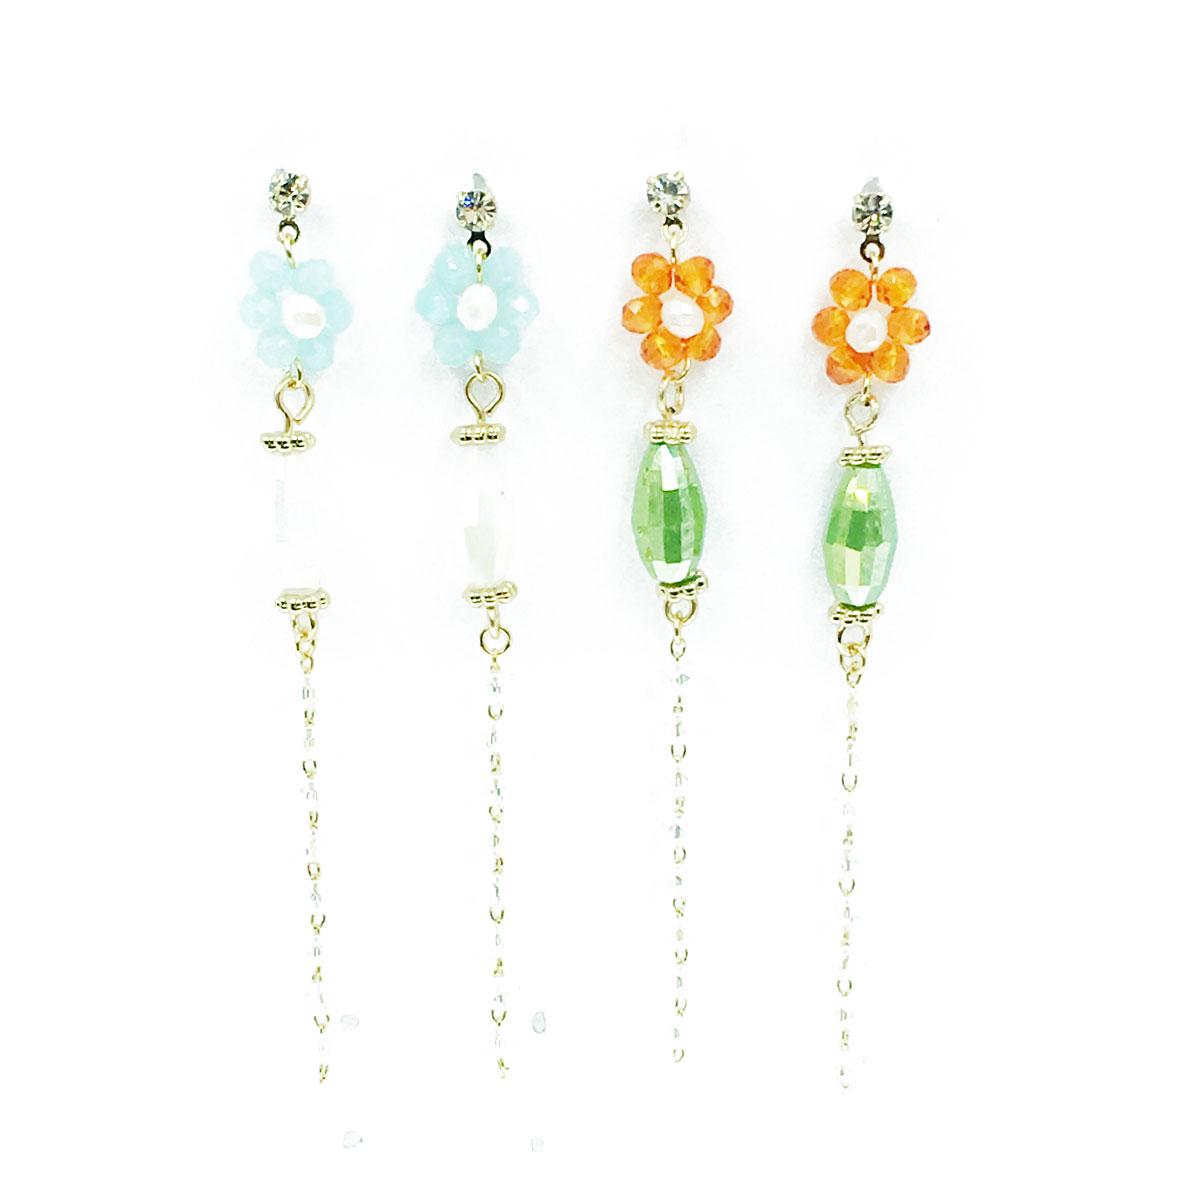 韓國 水鑽 金邊 串珠 兩色 垂墜感 耳針式 耳環